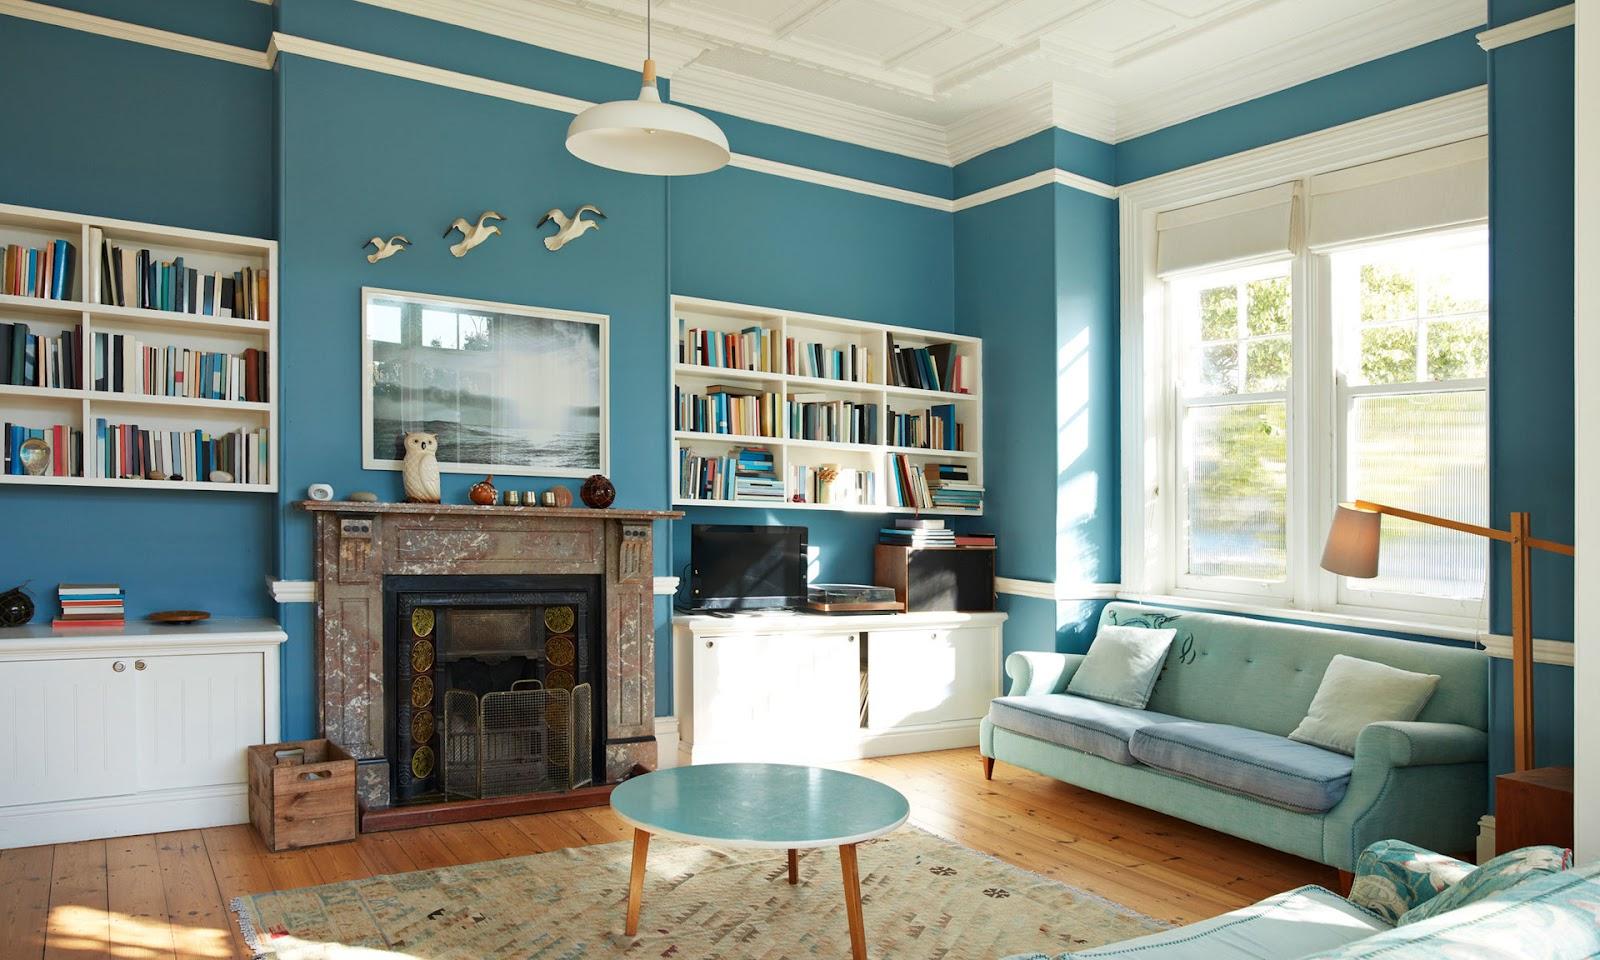 Как цвет стен может влиять на психику, психология цвета